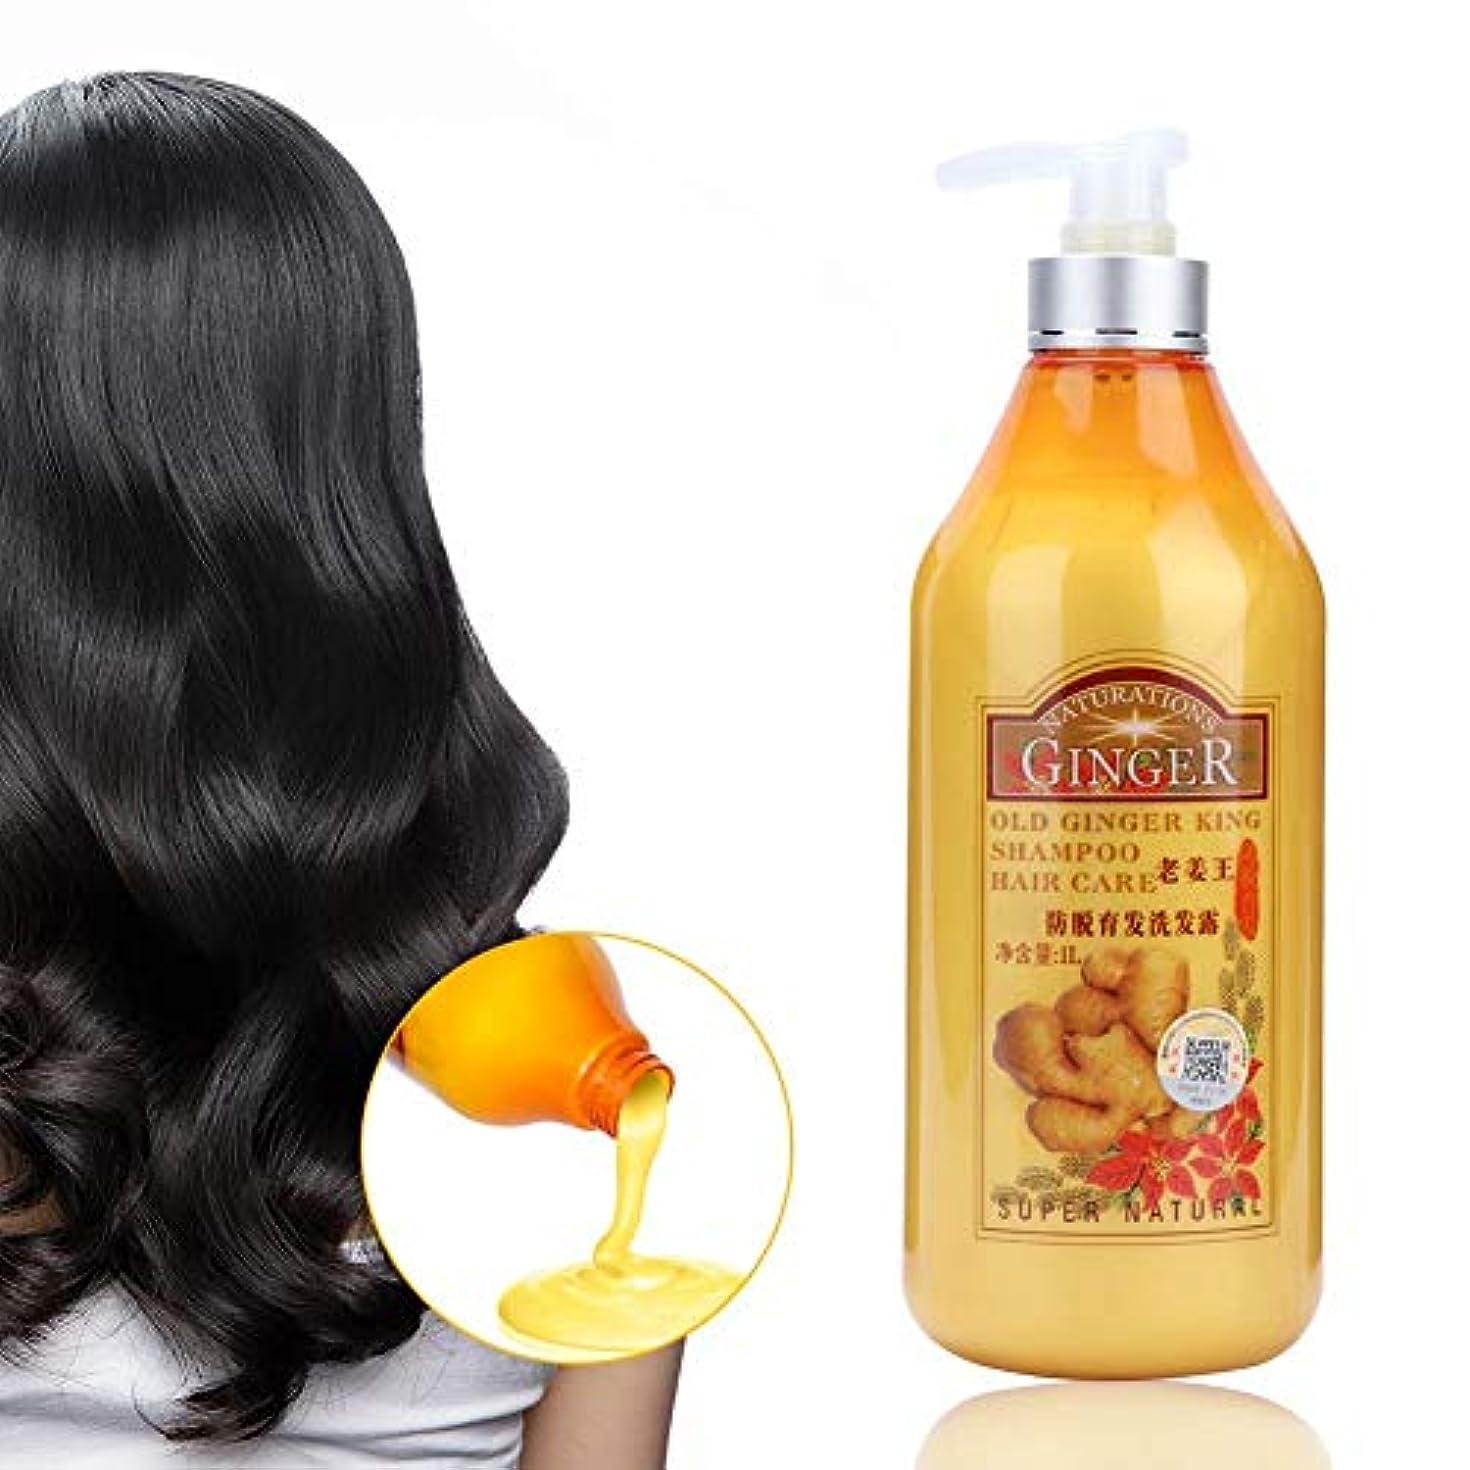 コールグリース予定1000ml ジンジャーシャンプー、プロのふけ防止オイルコントロール栄養頭皮 効果的なドライヘアの改善 頭皮ケア/ヘアケア メンズ レディース かゆみ止めオイルコントロールヘアシャンプー すべての髪のタイプに適しています